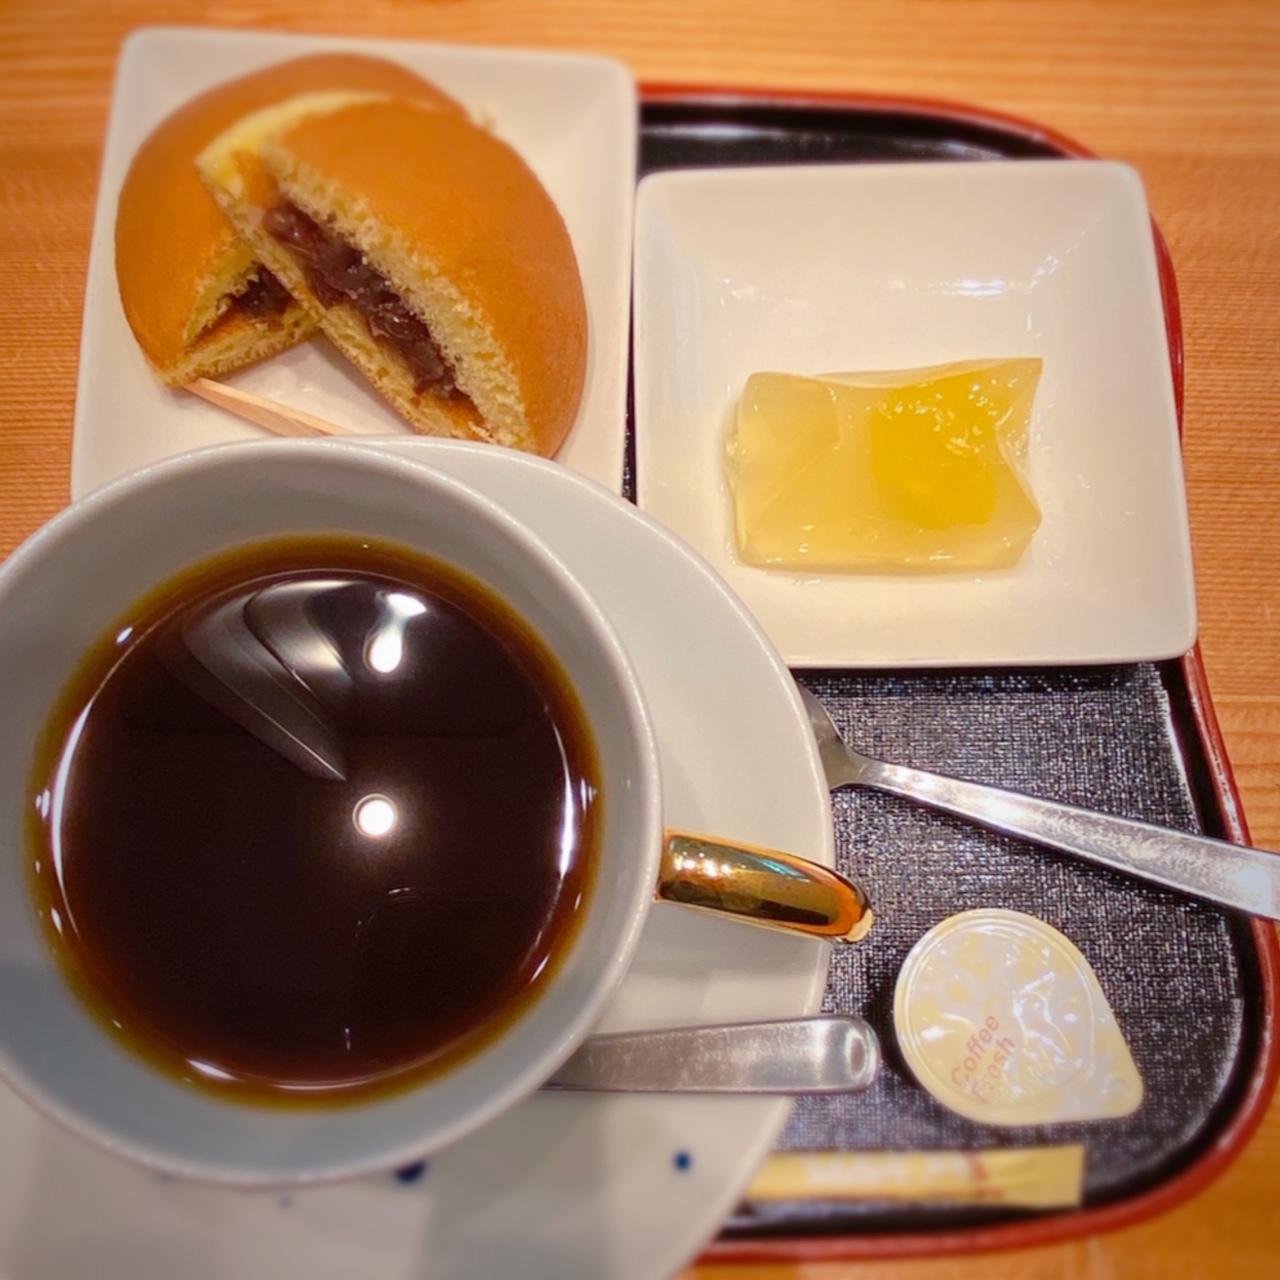 ラスカ熱海でお茶♪_d0035895_12365748.jpeg